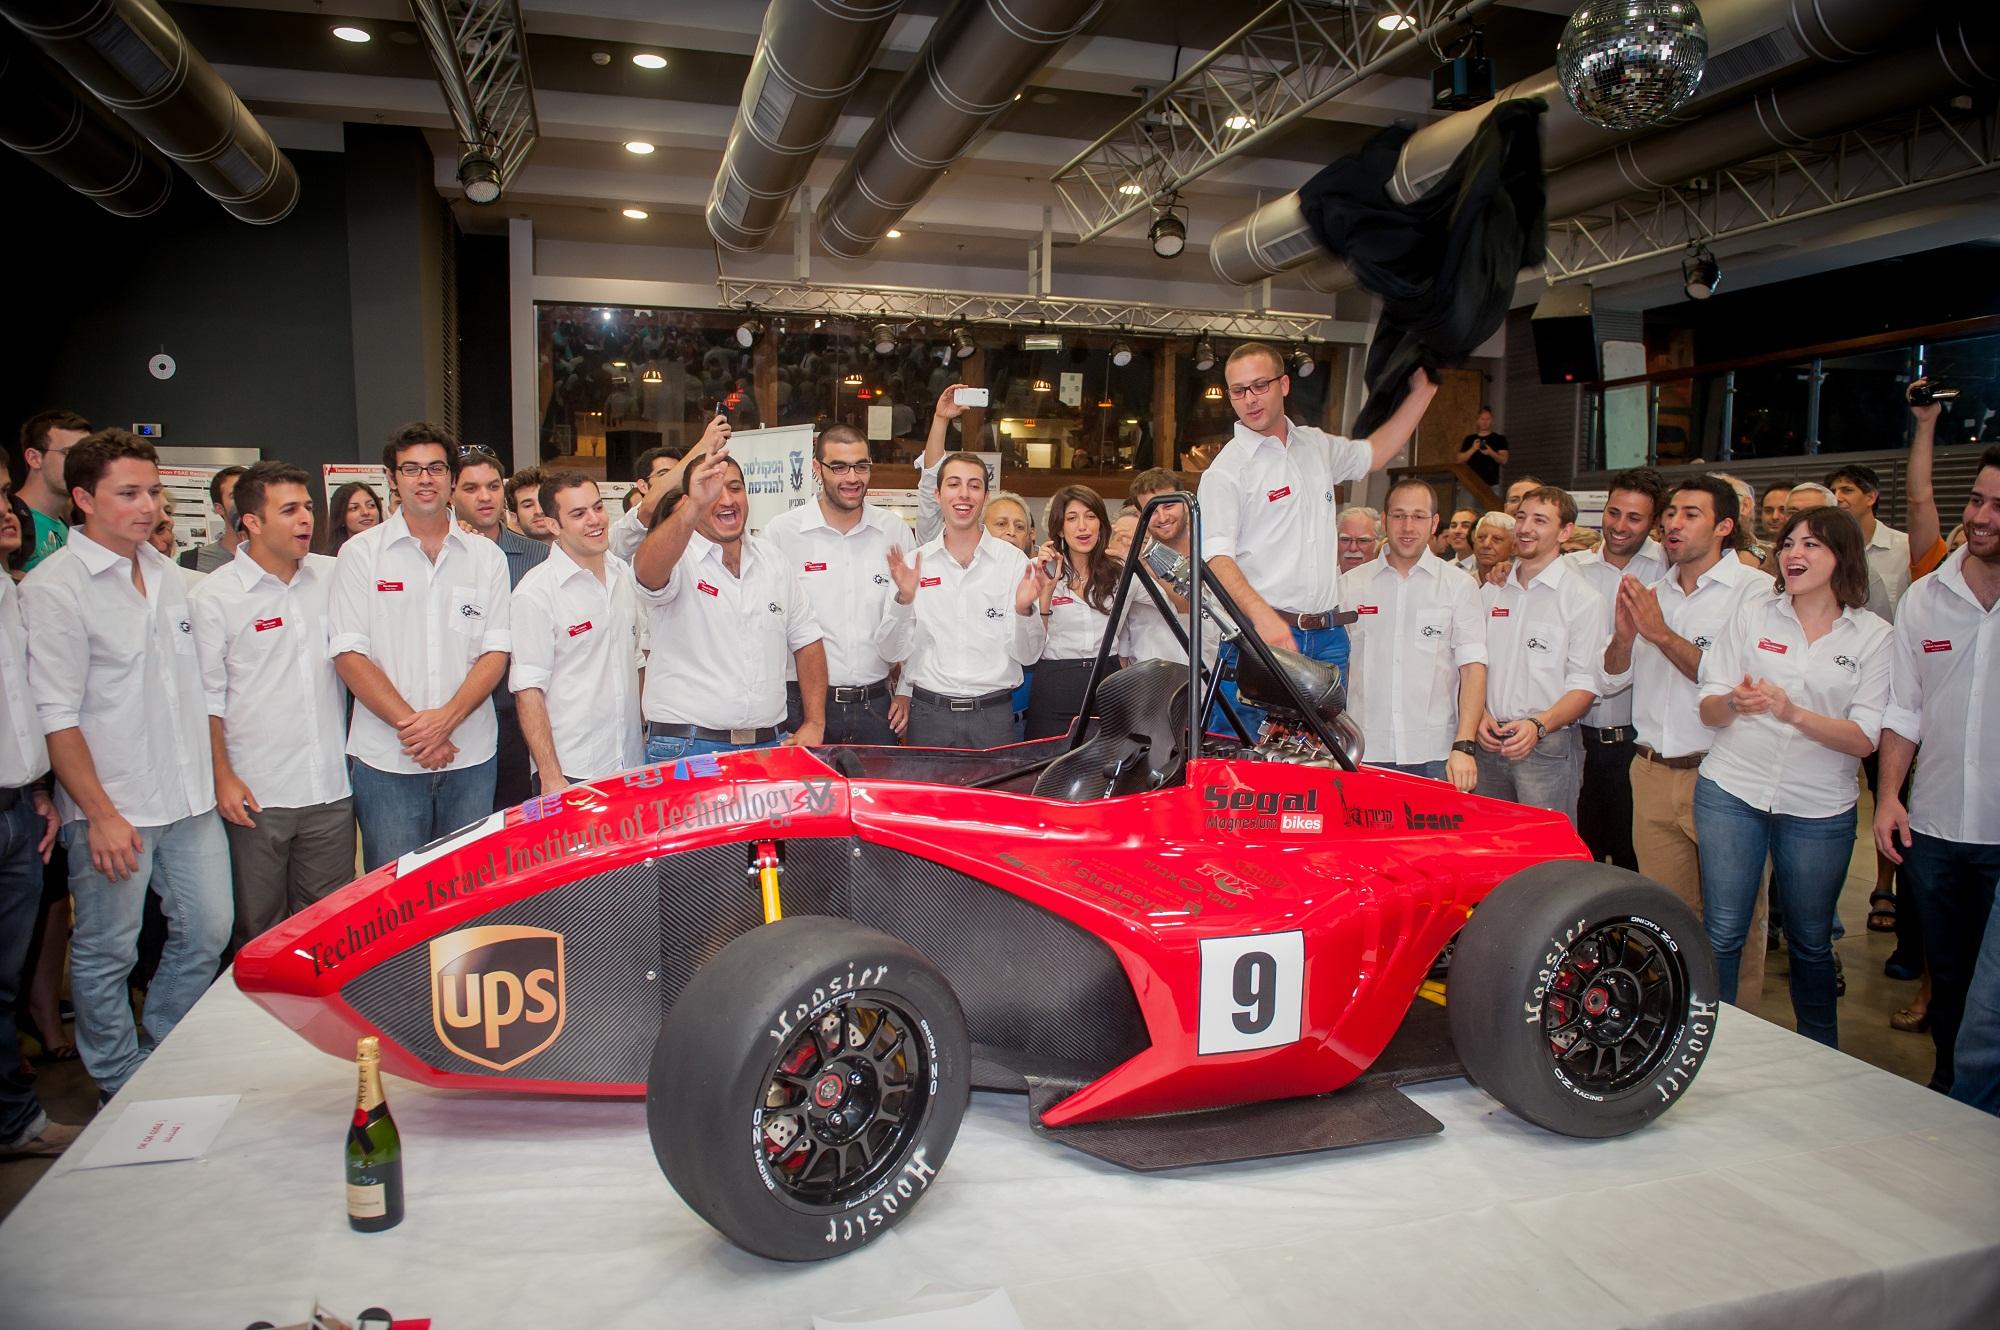 נחשף רכב המרוץ של הטכניון לפורמולה SAE באיטליה